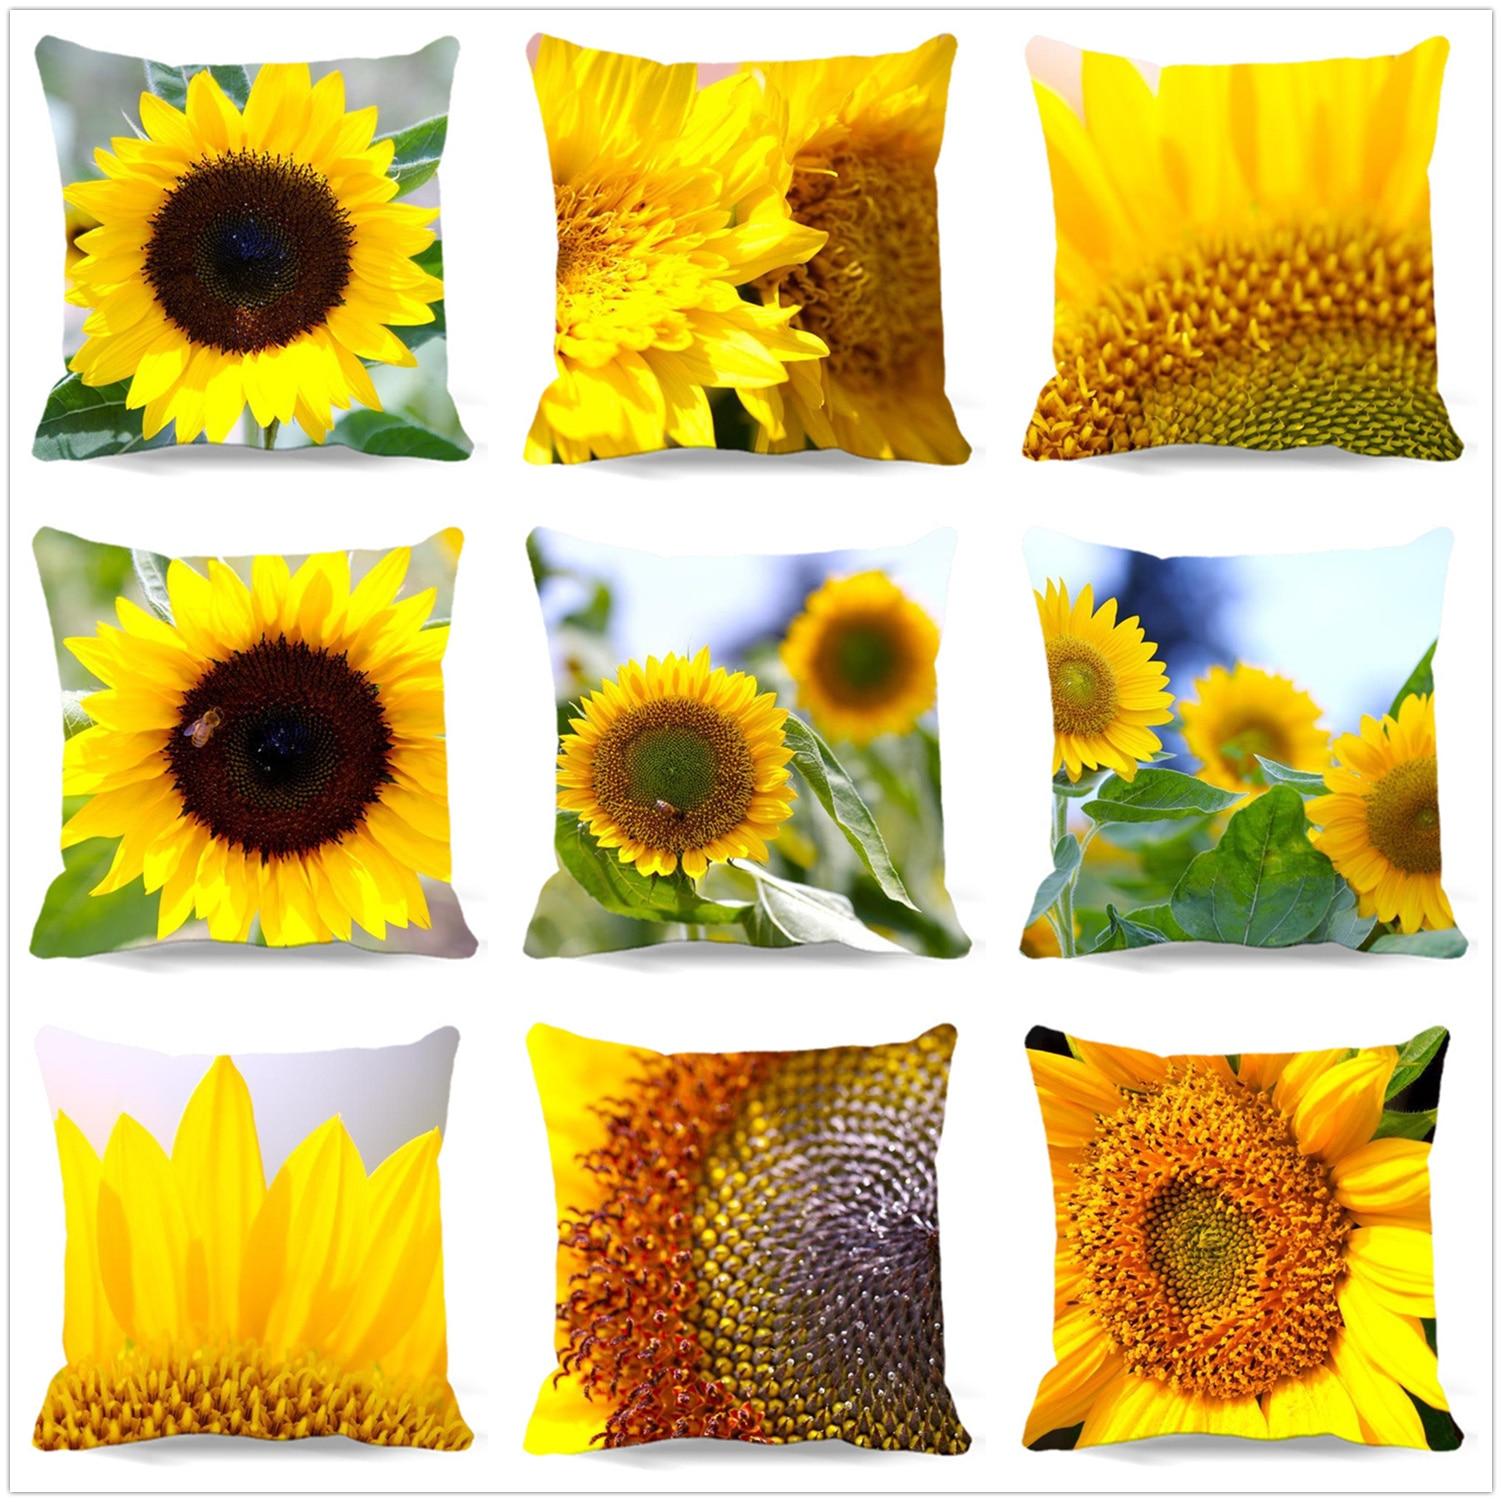 베개 상자 해바라기 식물 시리즈 방석 덮개는 정연한면 폴리 에스테 소파 가정 장식을 인쇄했습니다